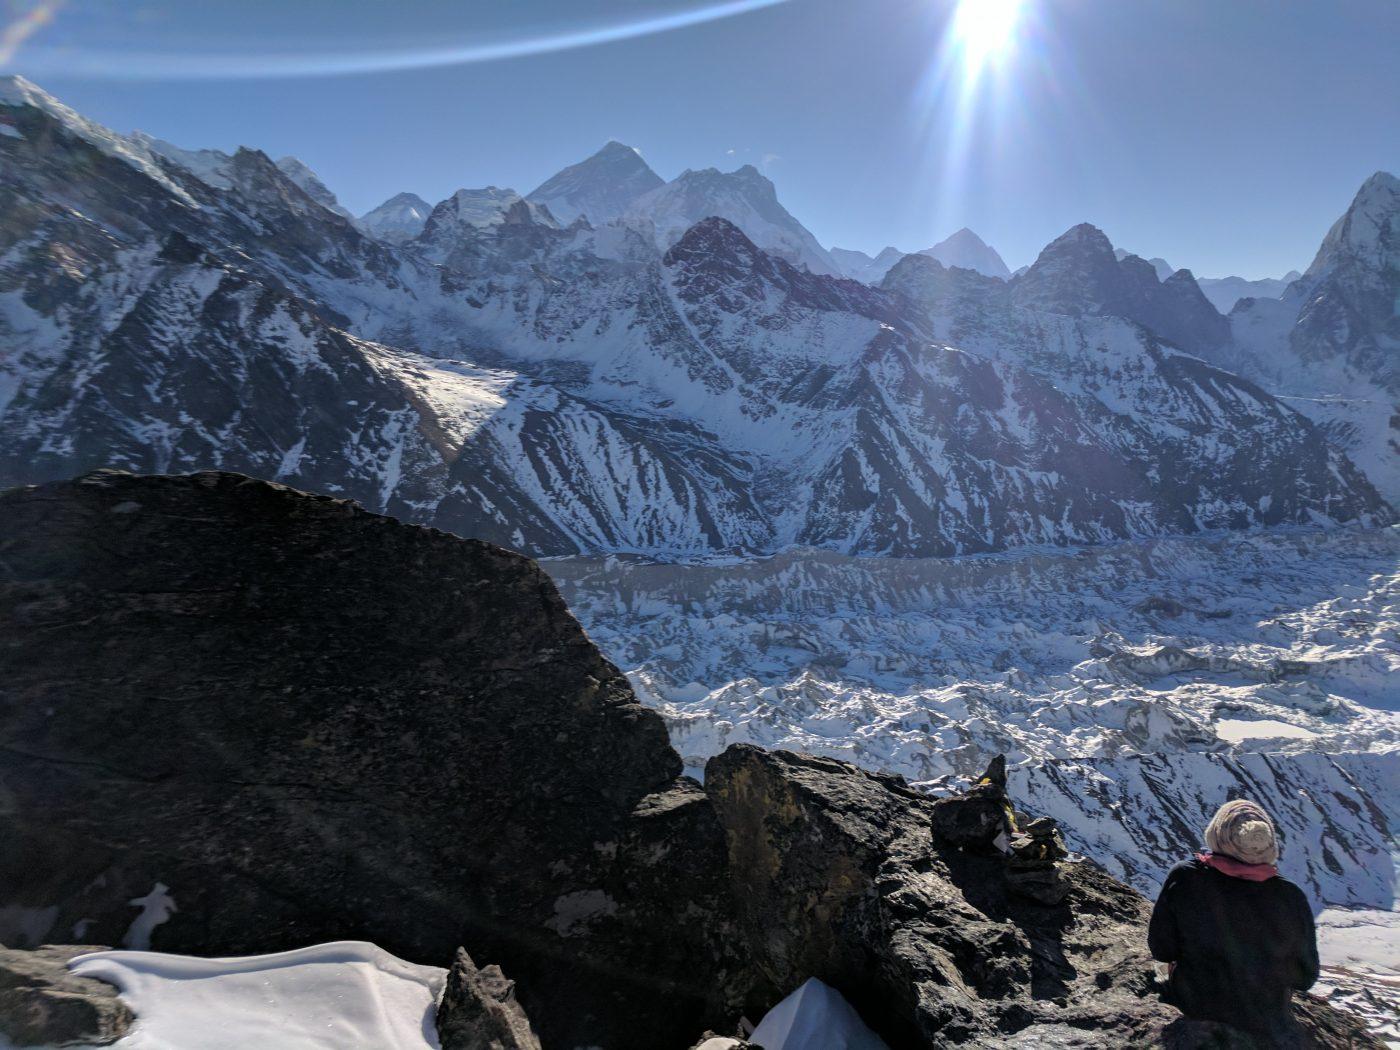 trekking in nepal costs